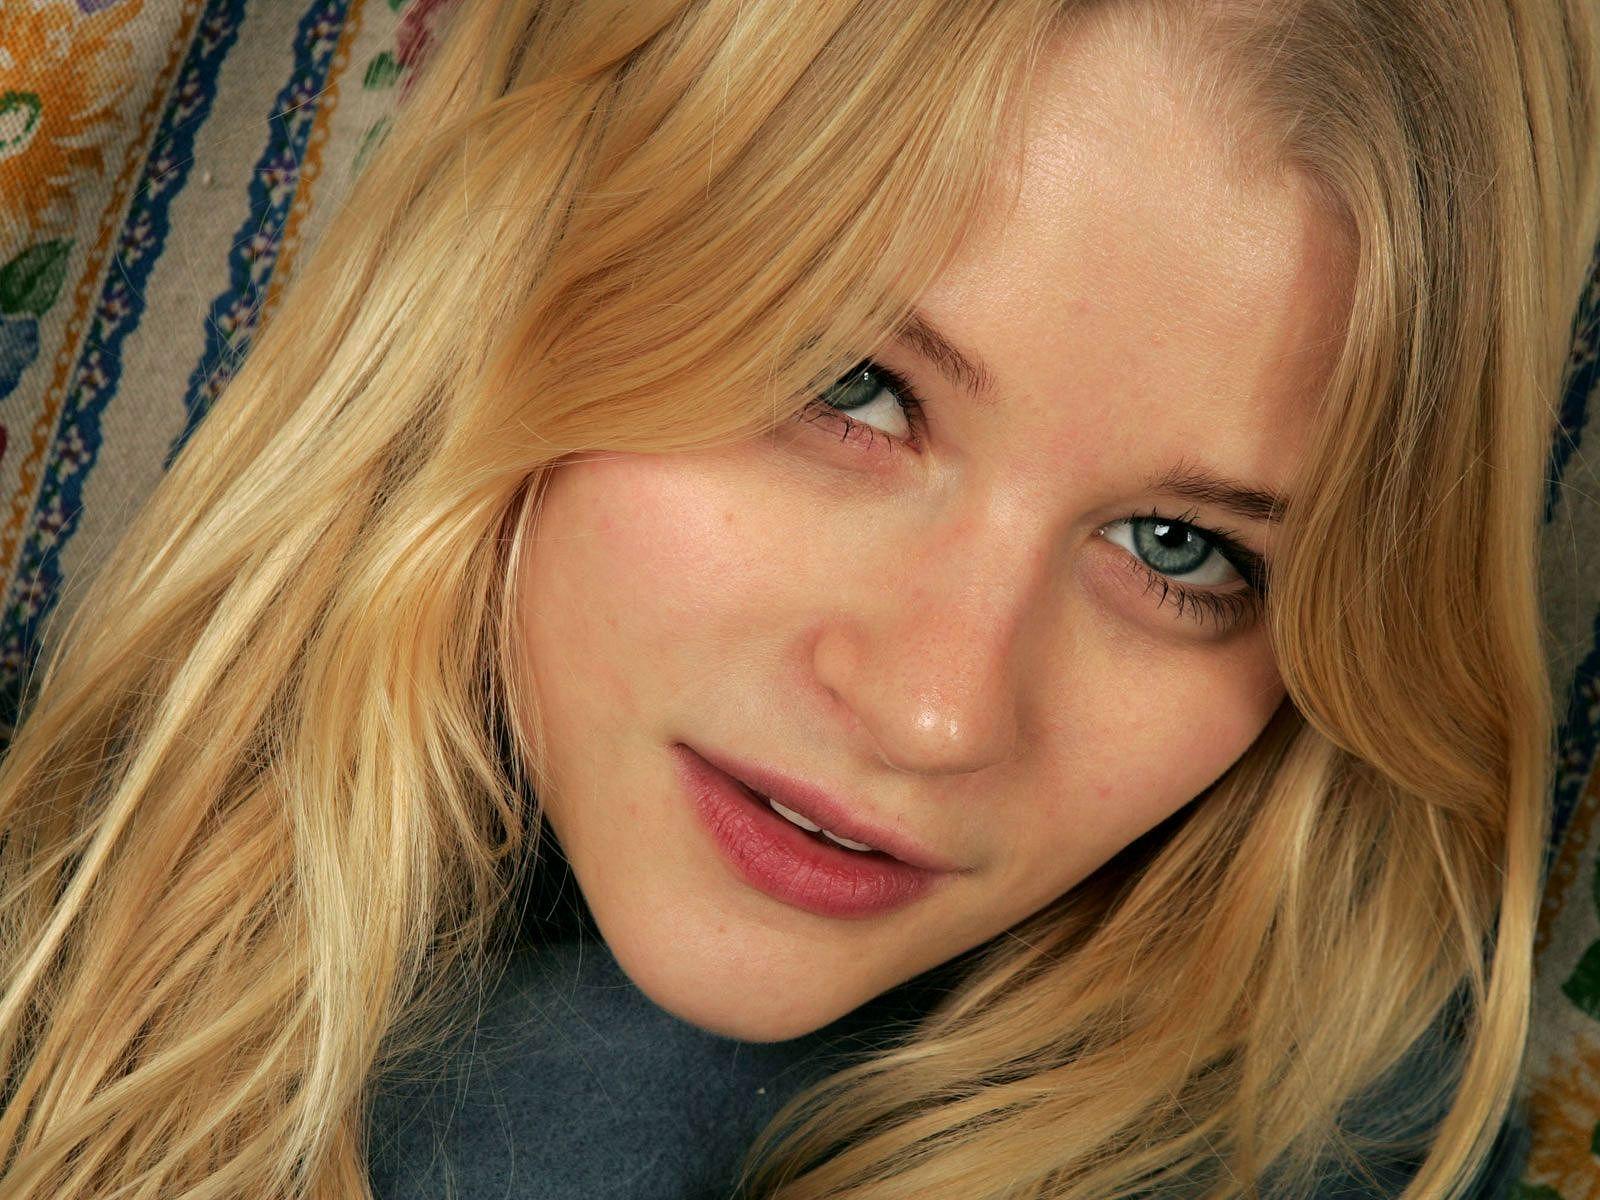 Emilie De Ravin Wallpaper Emilie De Ravin Mistresses Tv Show Actresses